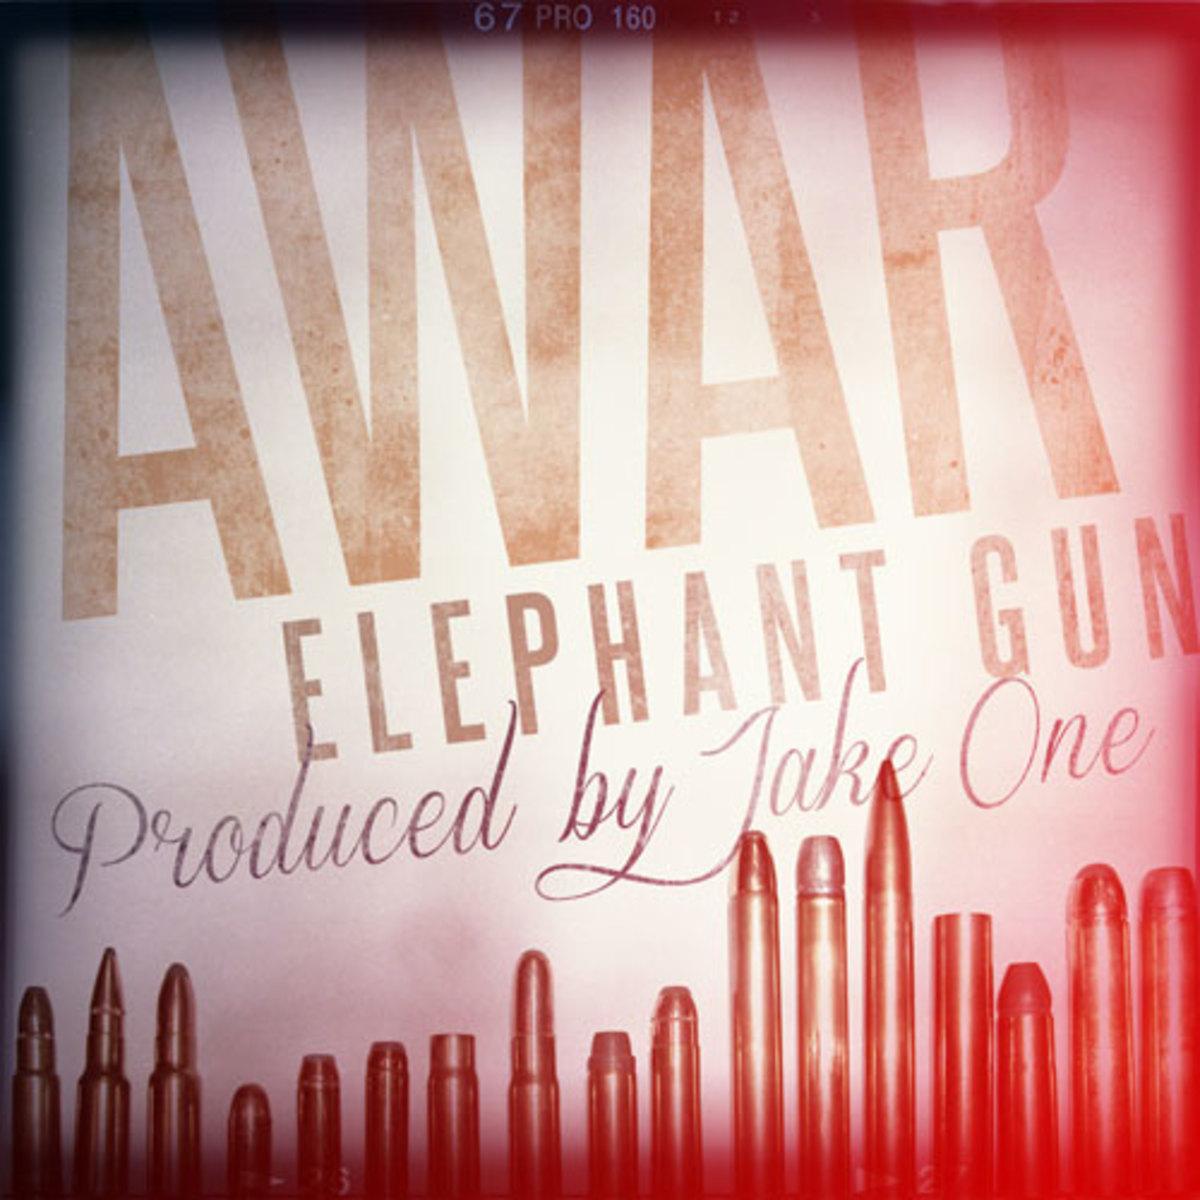 awar-elephantgun.jpg